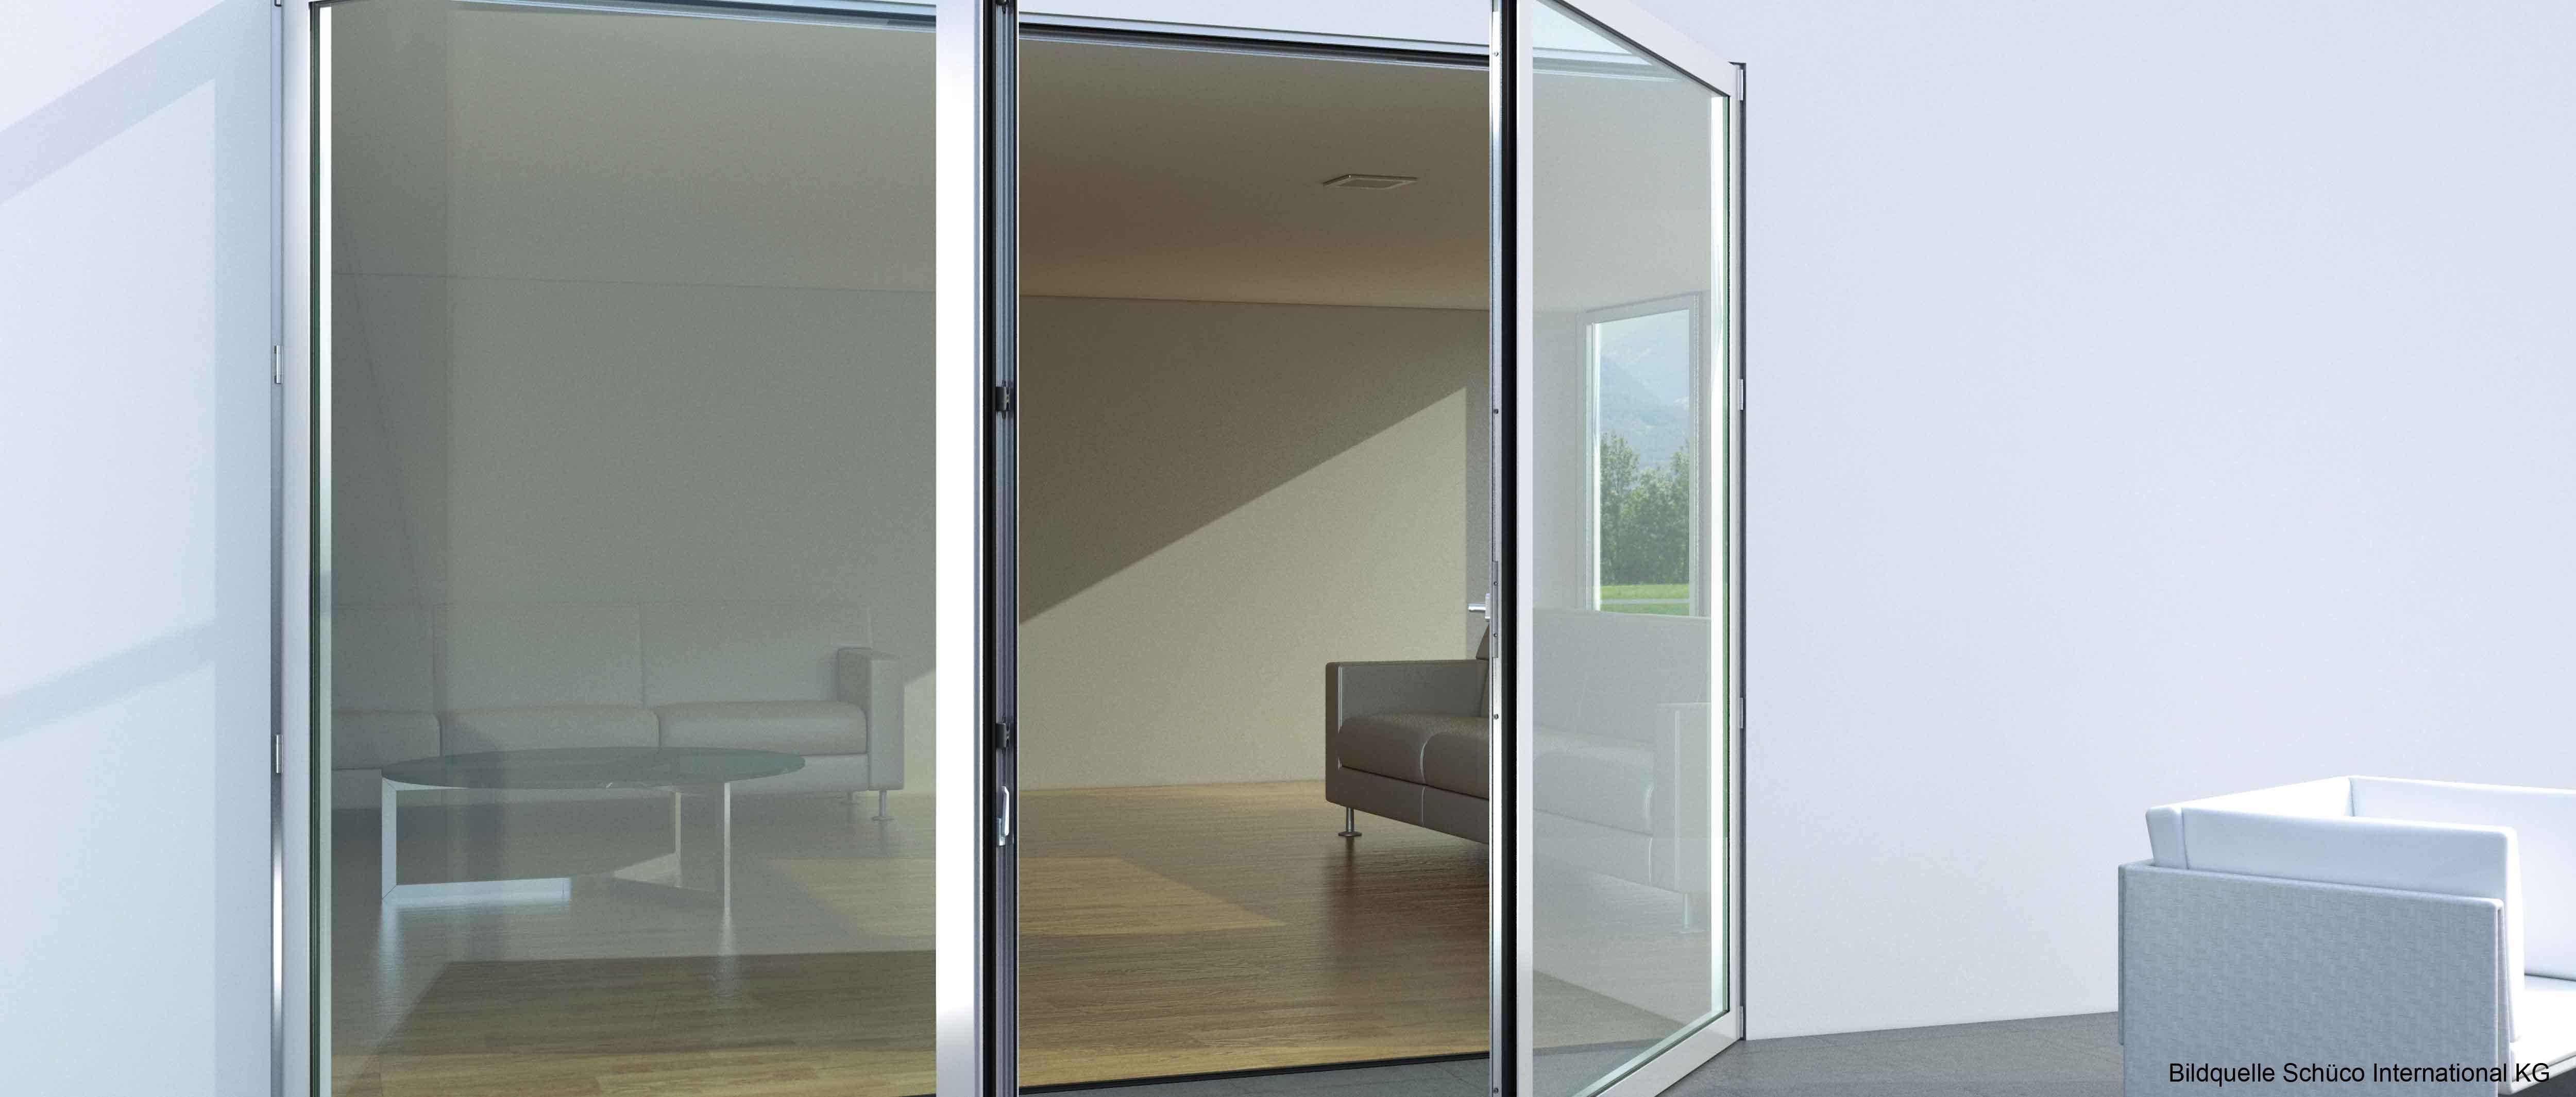 ft herne sch co aws 75. Black Bedroom Furniture Sets. Home Design Ideas